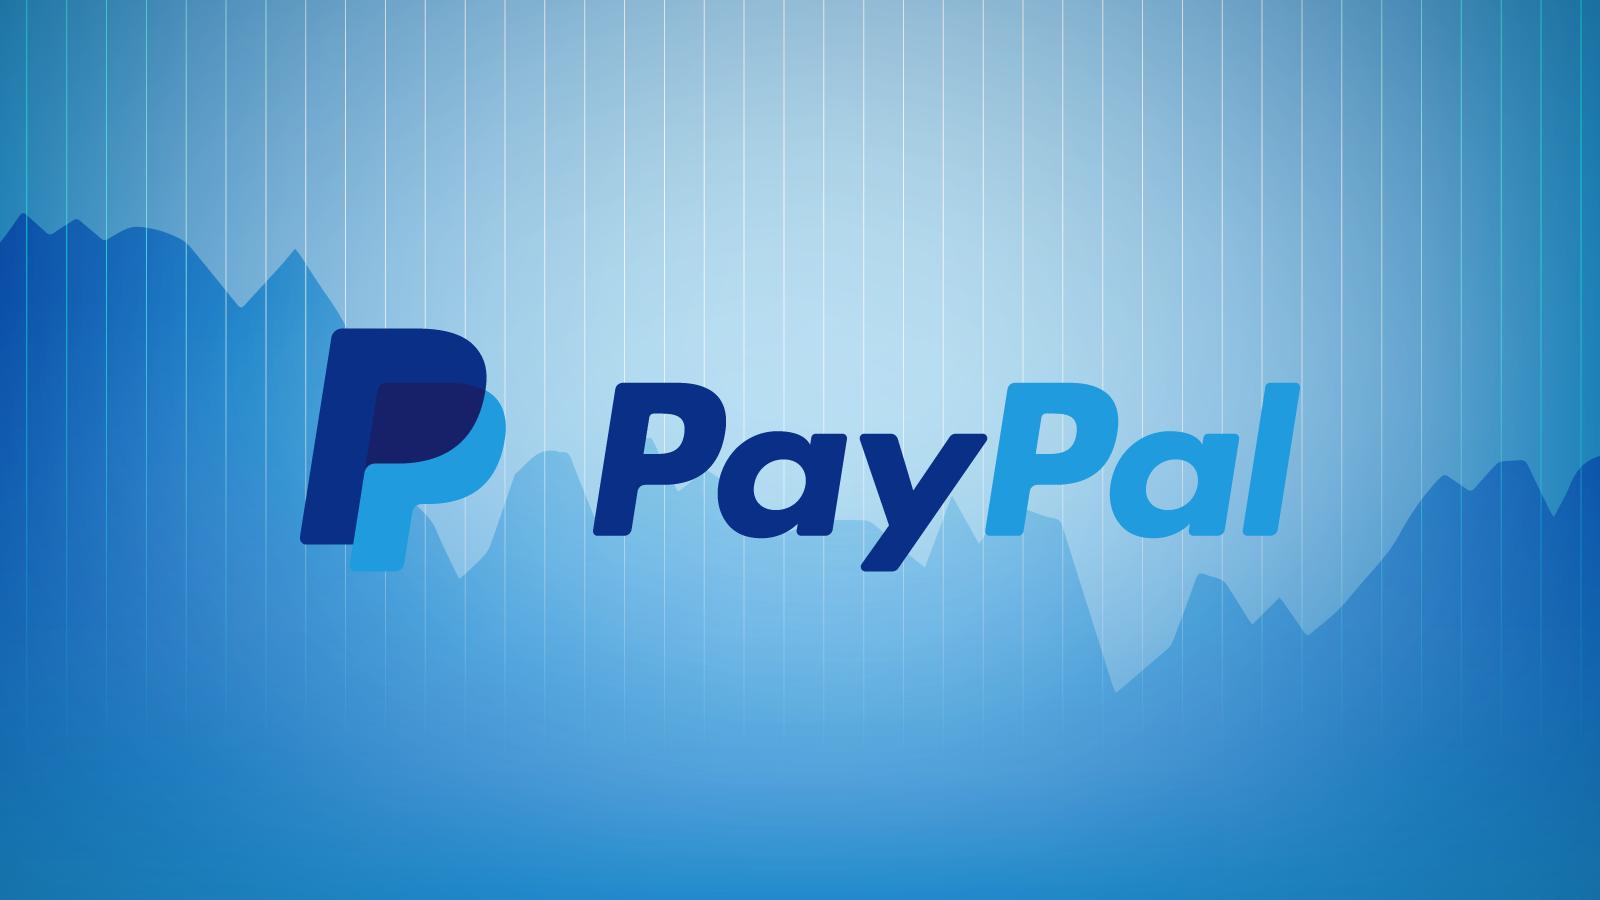 PayPal augmente la limite d'achat hebdomadaire de crypto-monnaies à 100 000 USD pour ses utilisateurs aux États-Unis